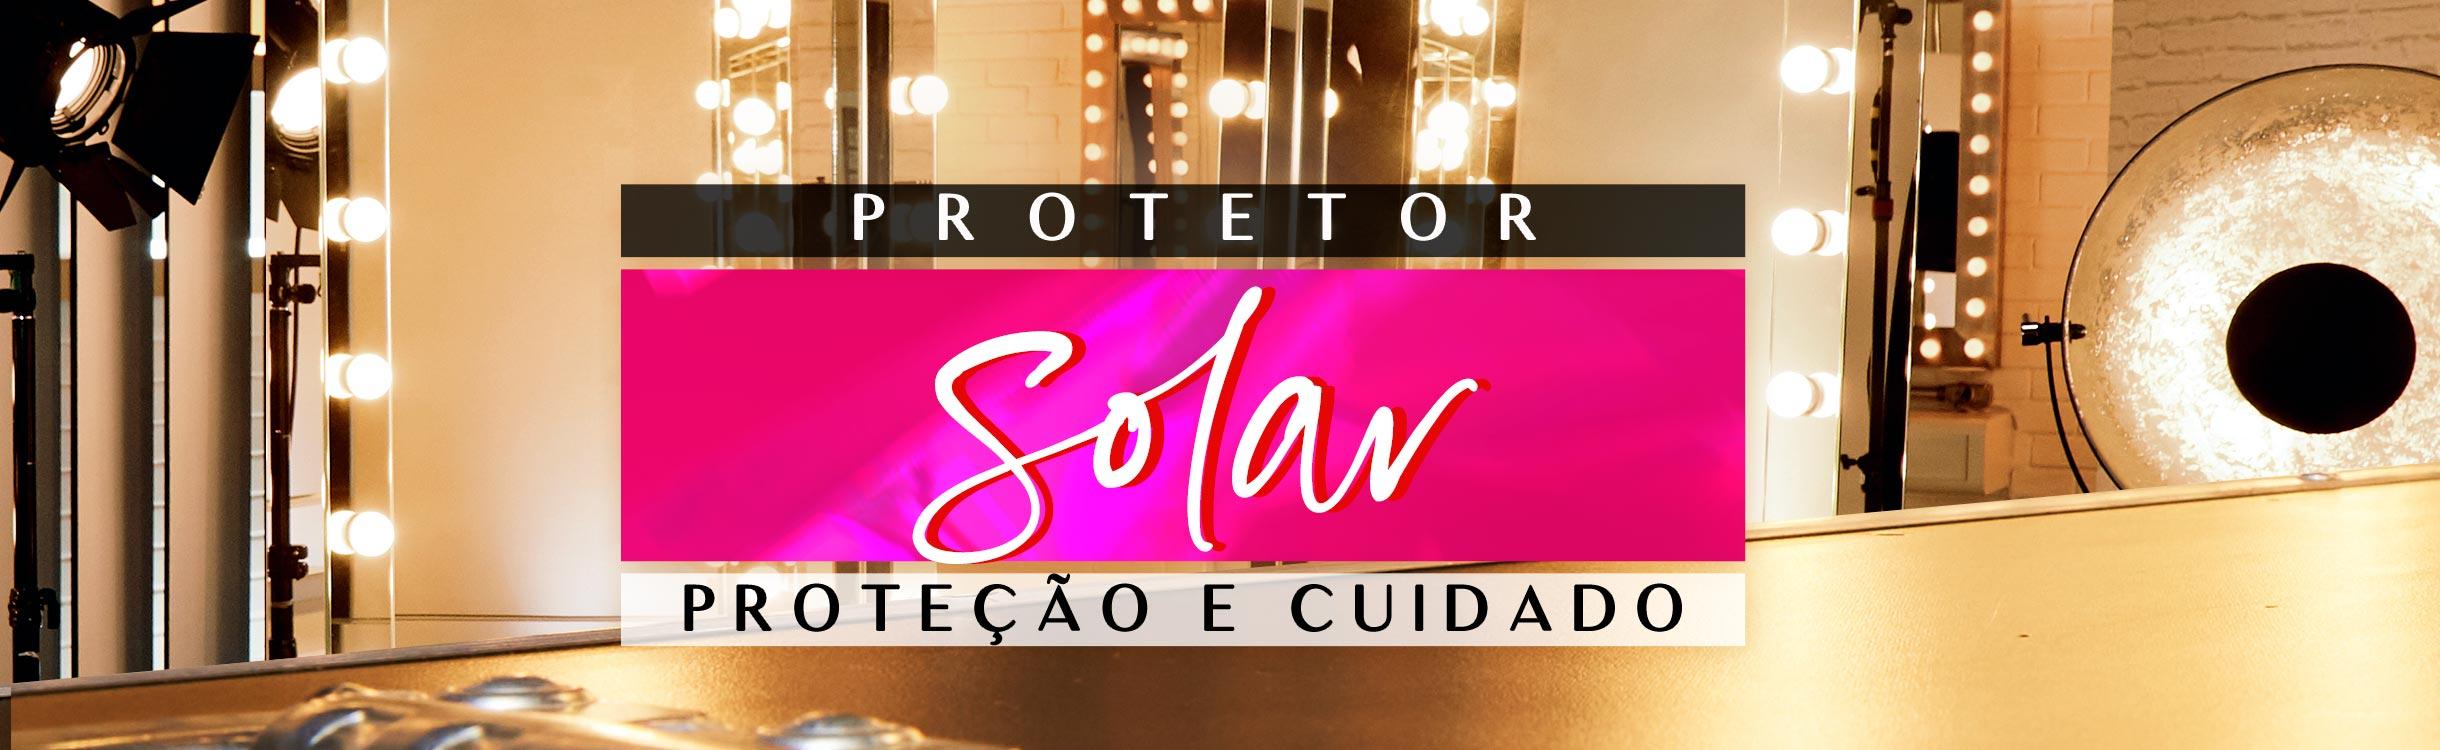 Proteção e Cuidado | Protetor Solar